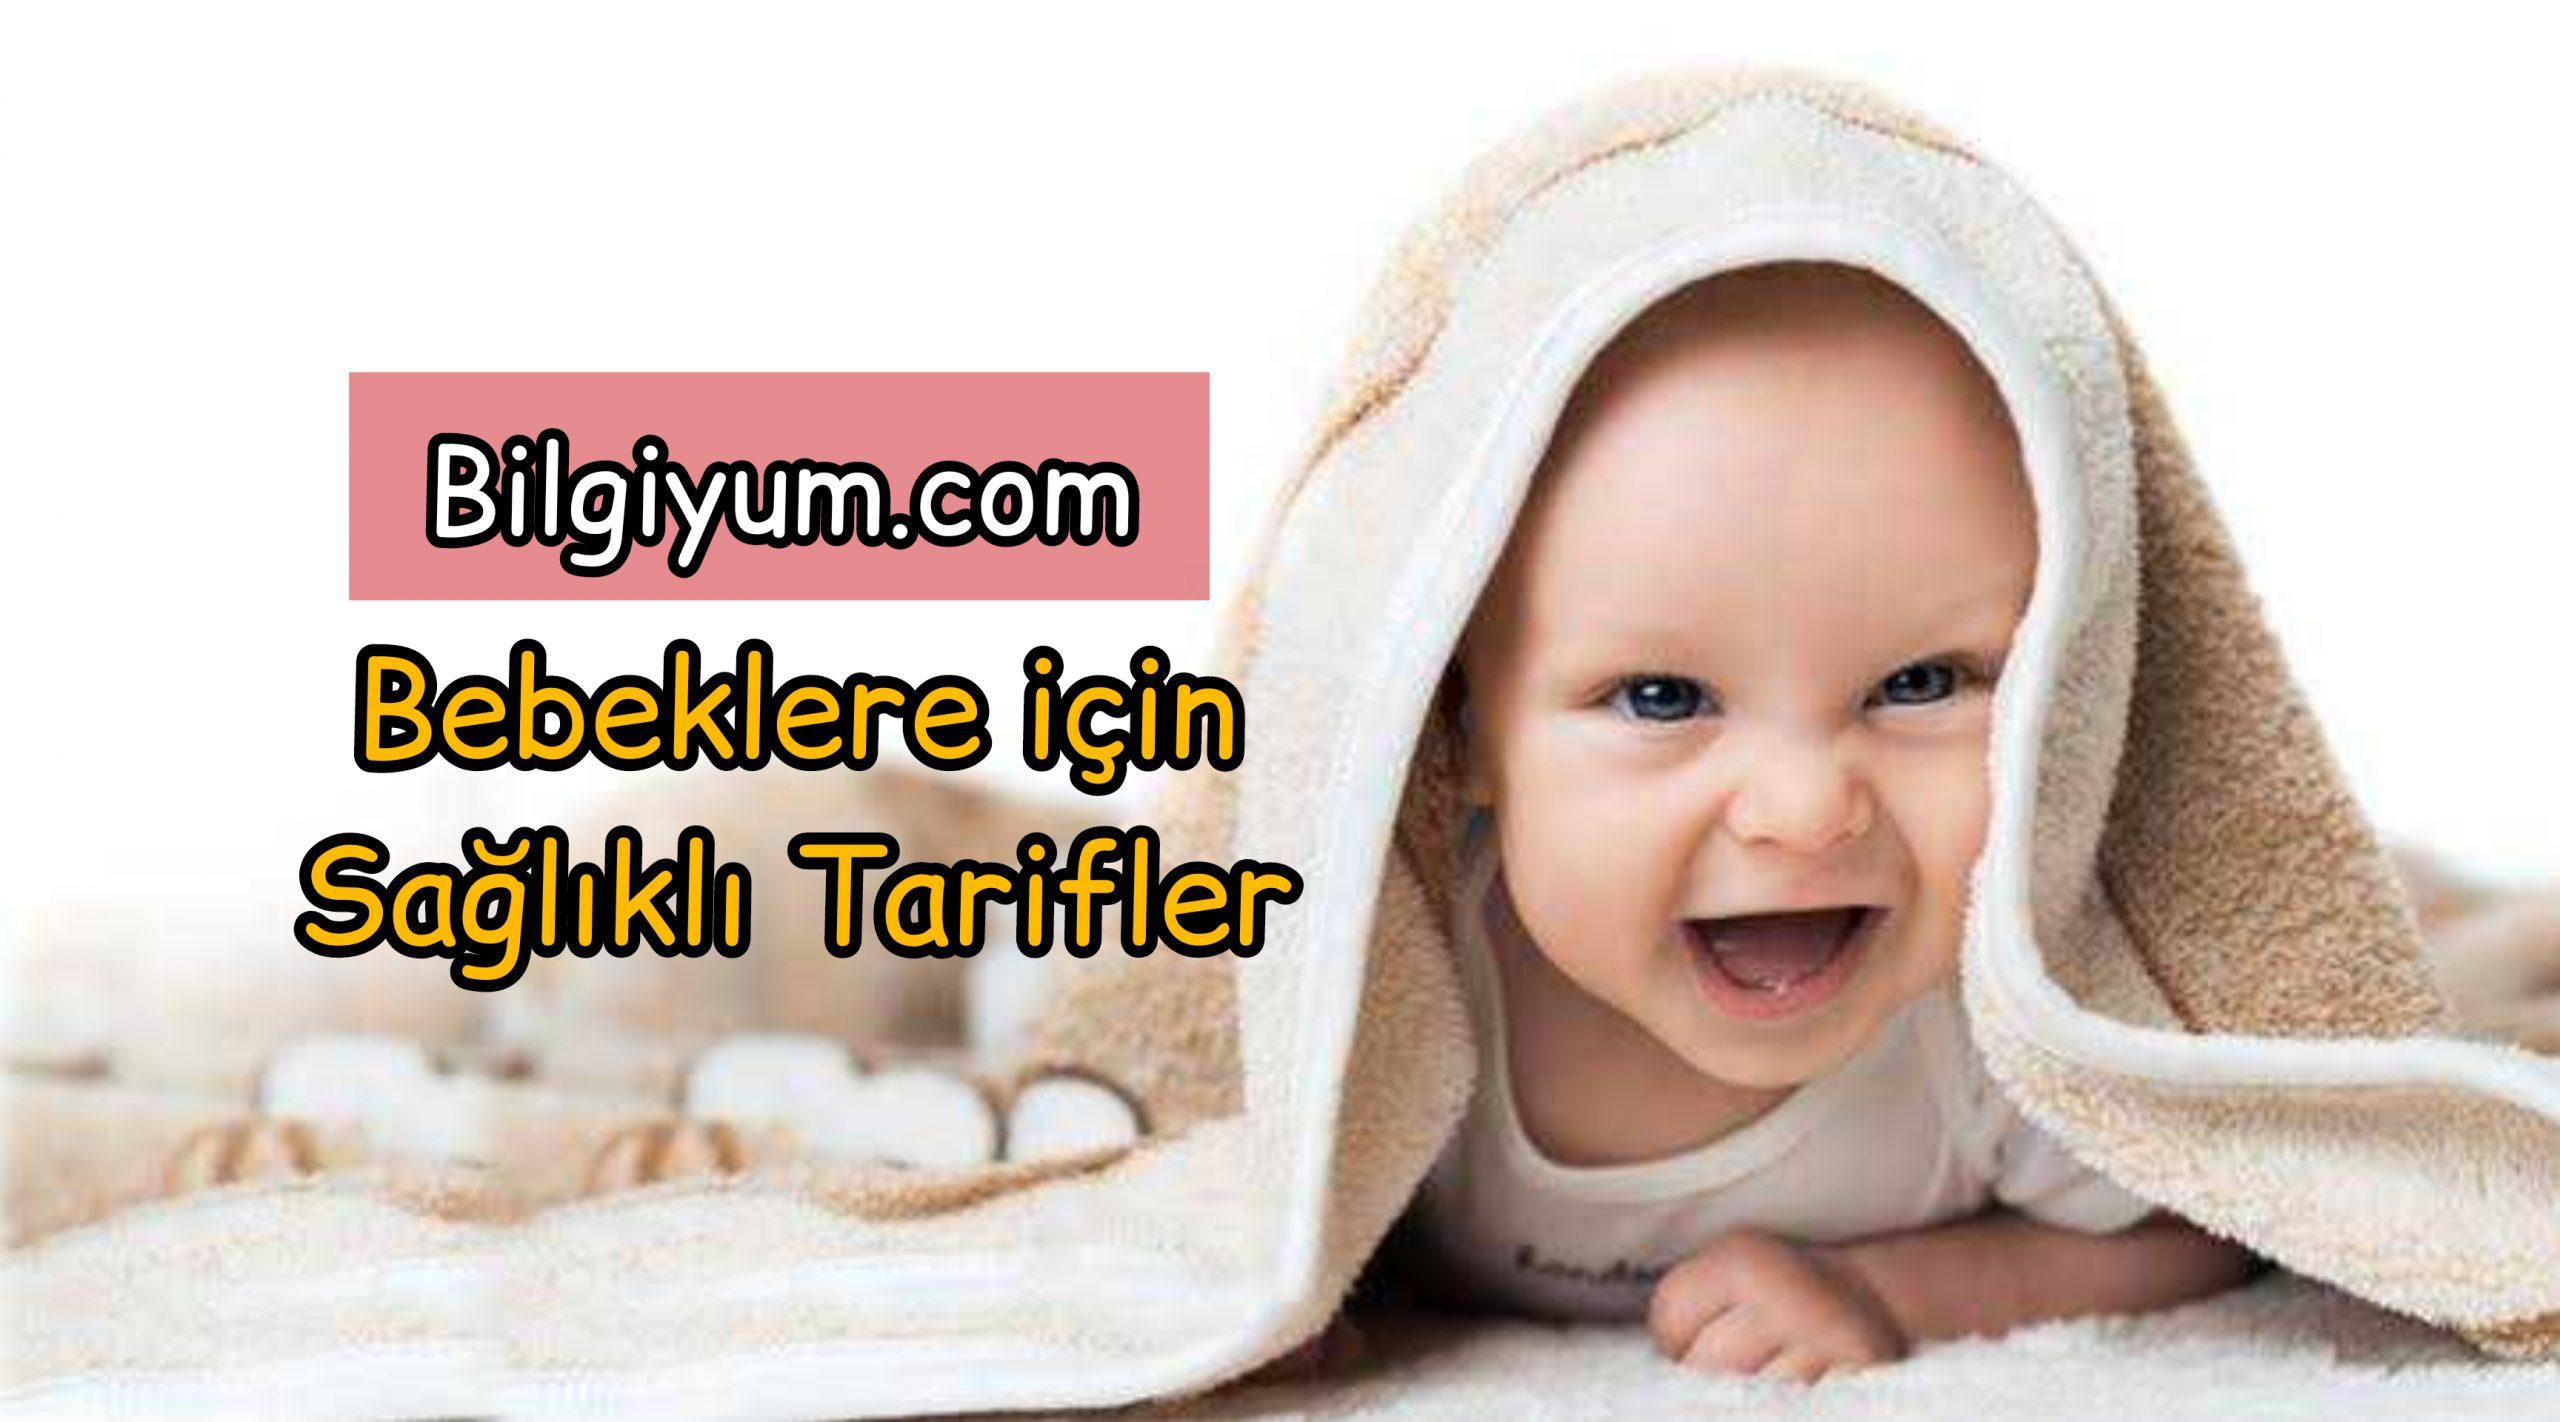 Sağlıklı tarifler (bebeklere)